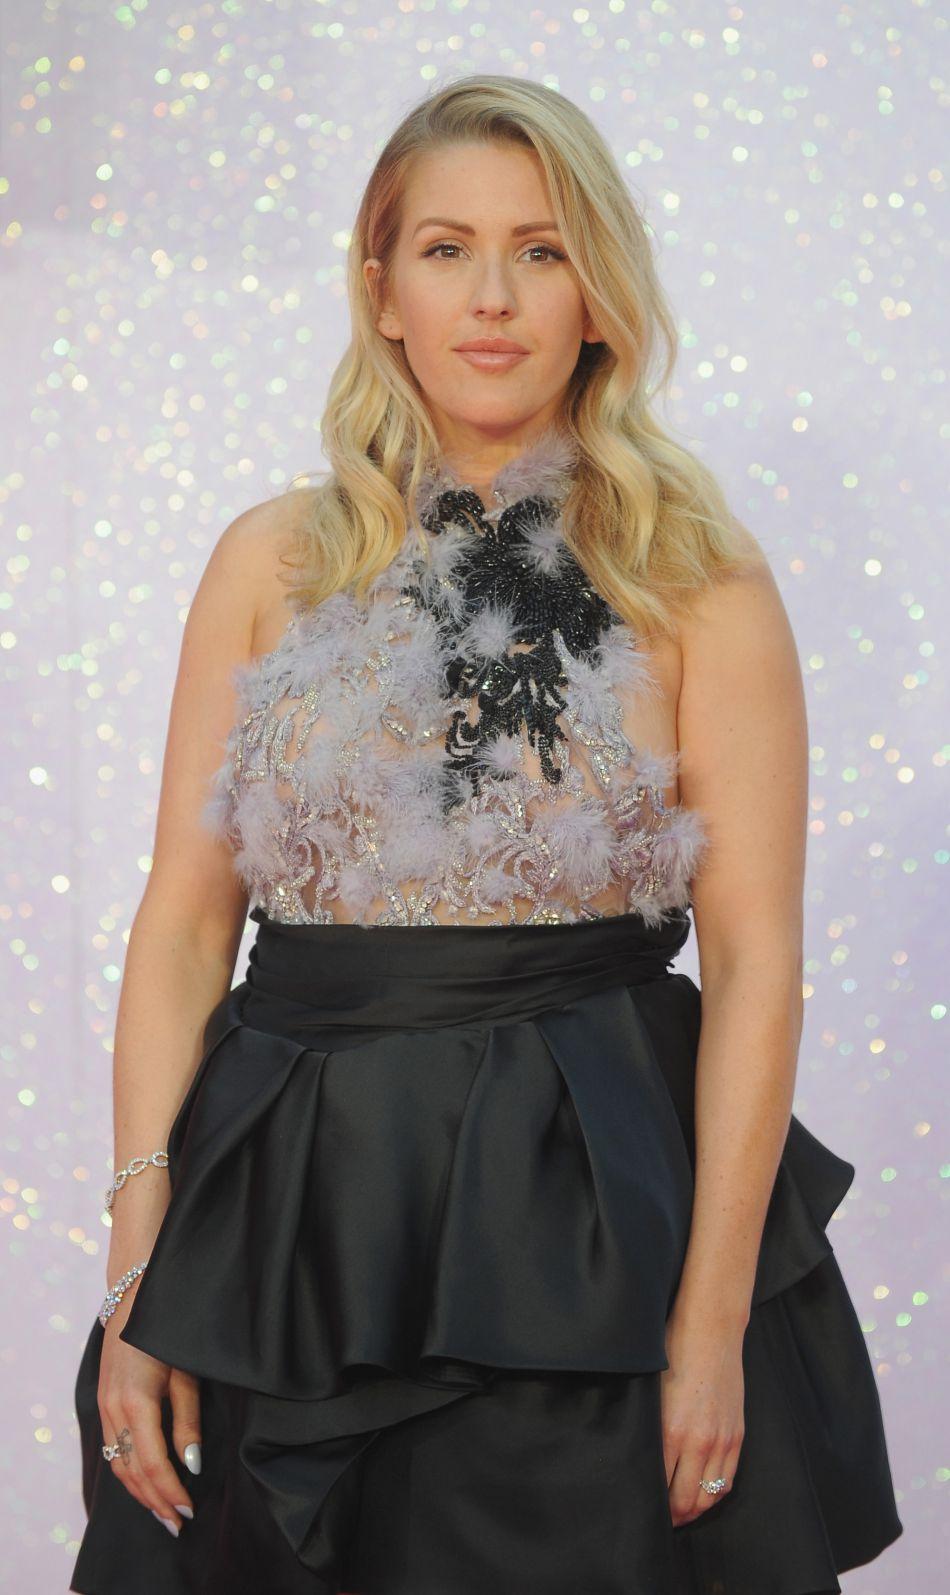 Ellie Goulding foule le red carpet avec aisance dans sa robe dévoilant légèrement sa poitrine.